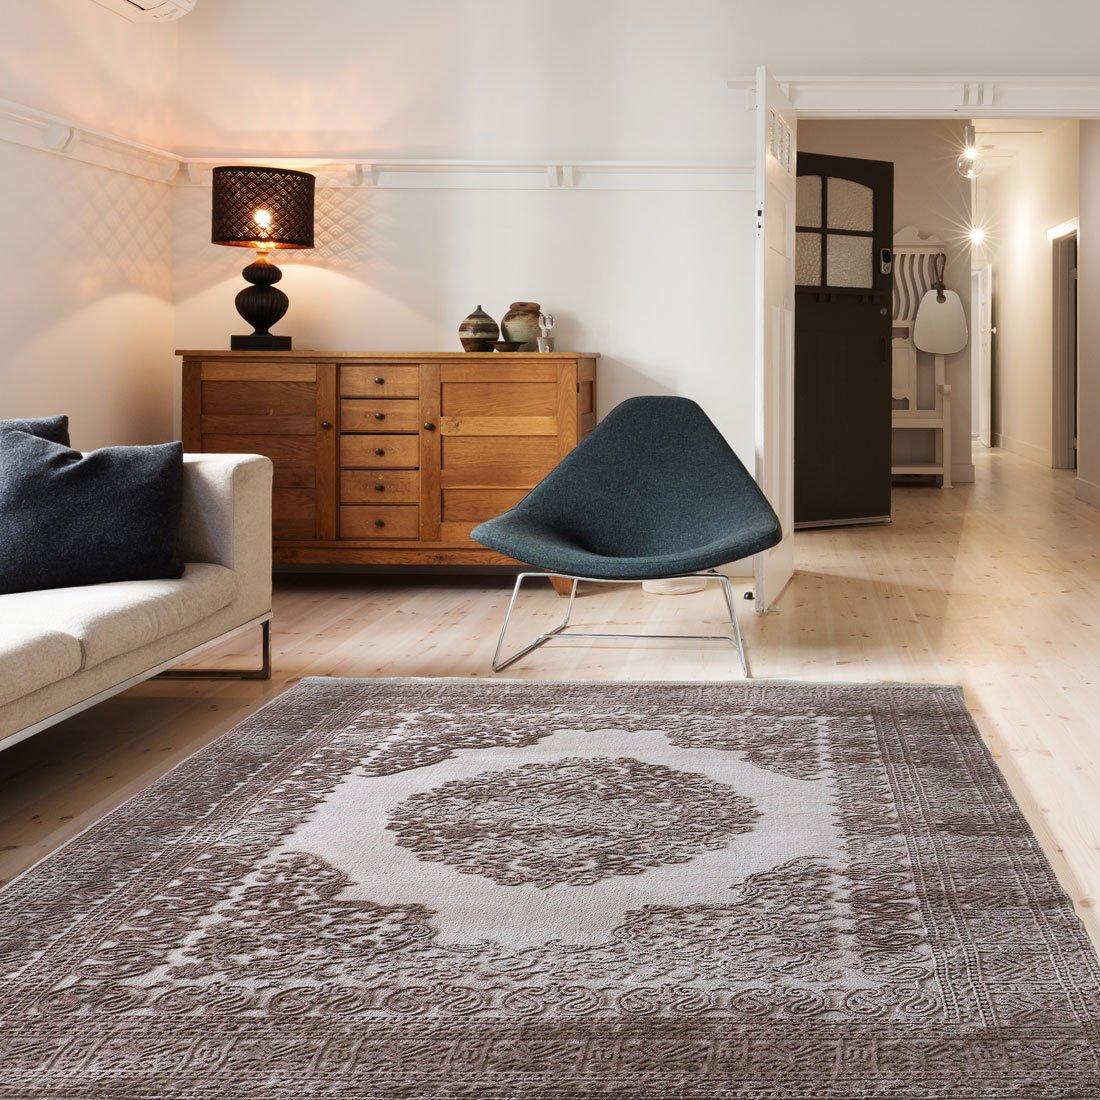 Mynes Home Teppich Vintage Design in Beige für Wohnzimmer Qualitativ mit Medaillon Muster dicht gewebt Kurzflor mit Hoch Tief Struktur (200 x 290 cm)